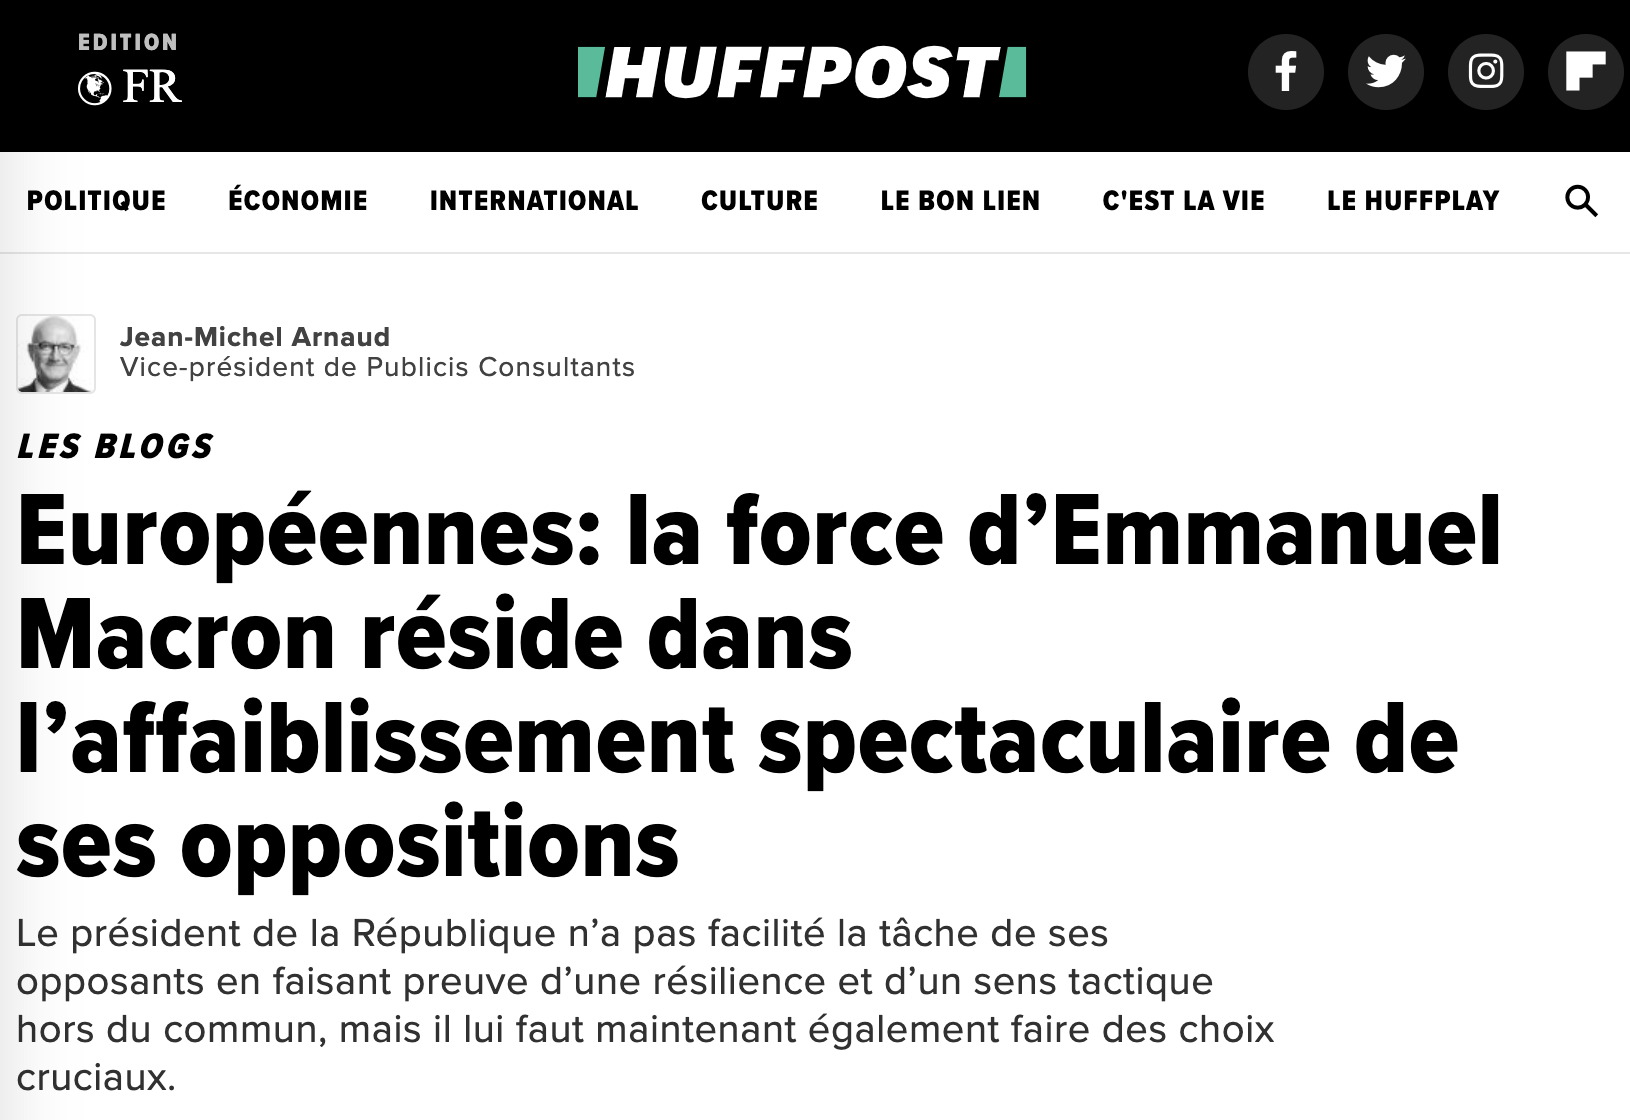 Européennes: la force d'Emmanuel Macron réside dans l'affaiblissement spectaculaire de ses oppositions